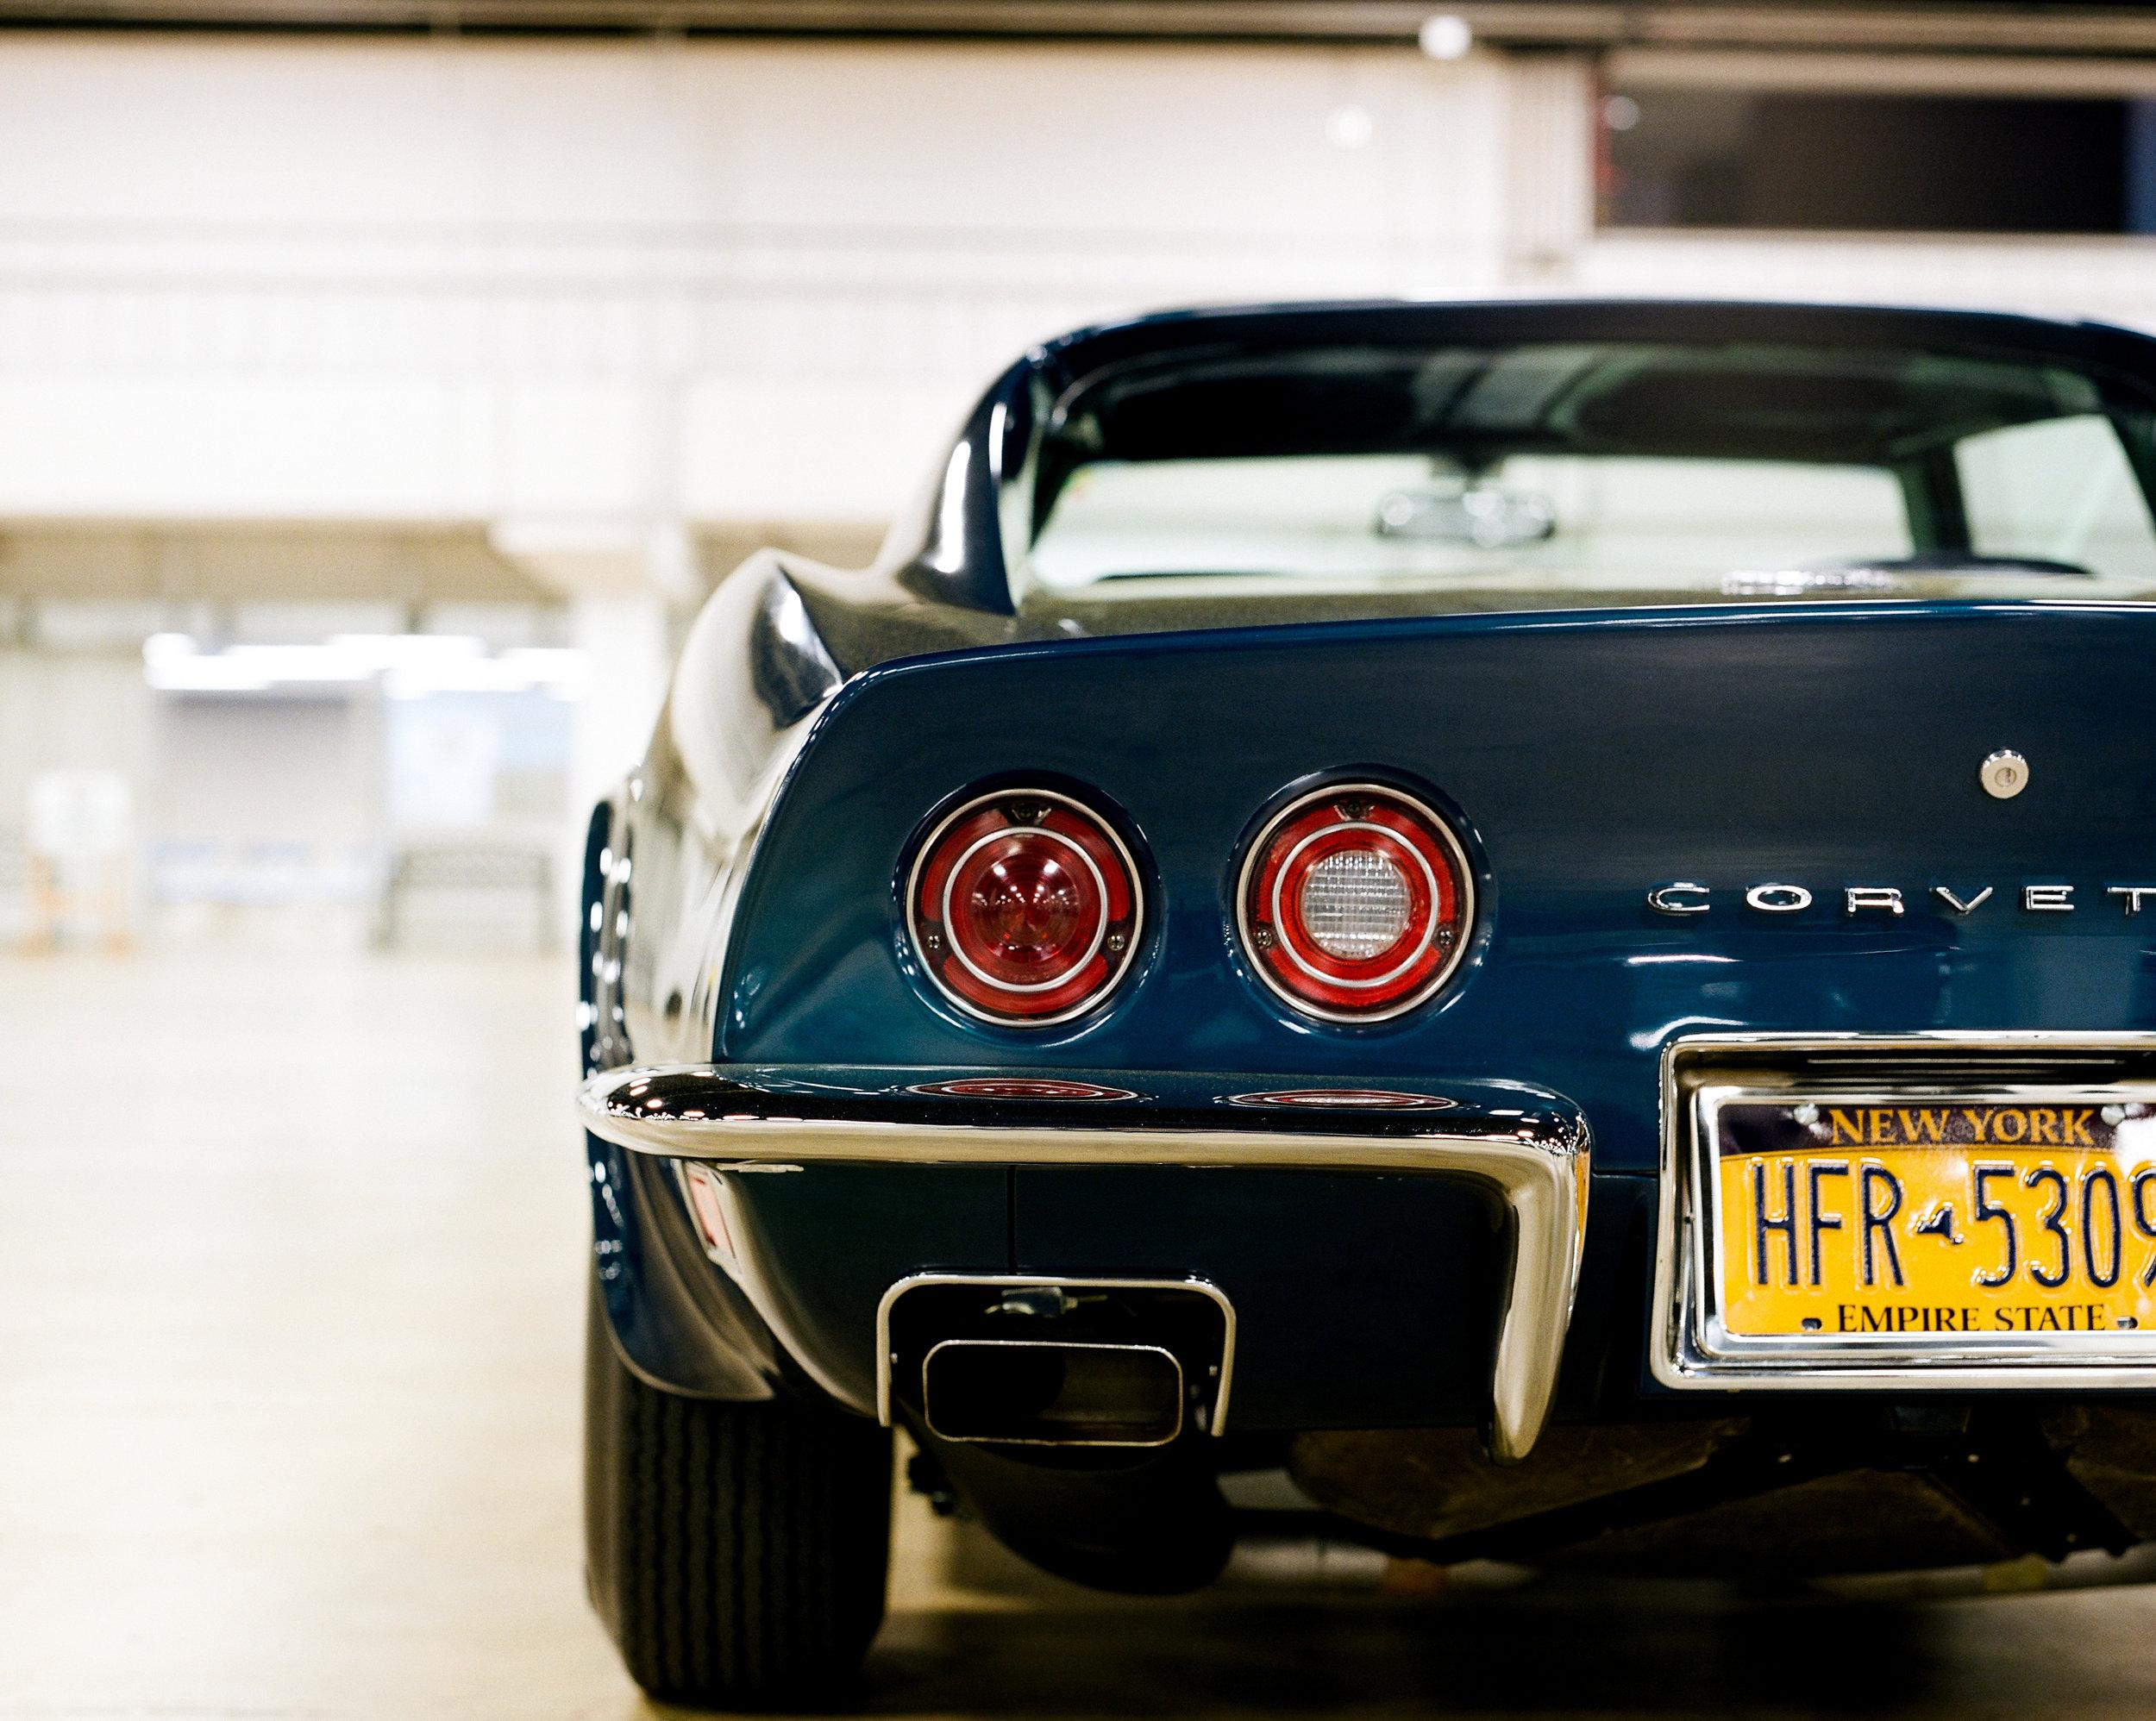 1972 Corvette Rear on Film